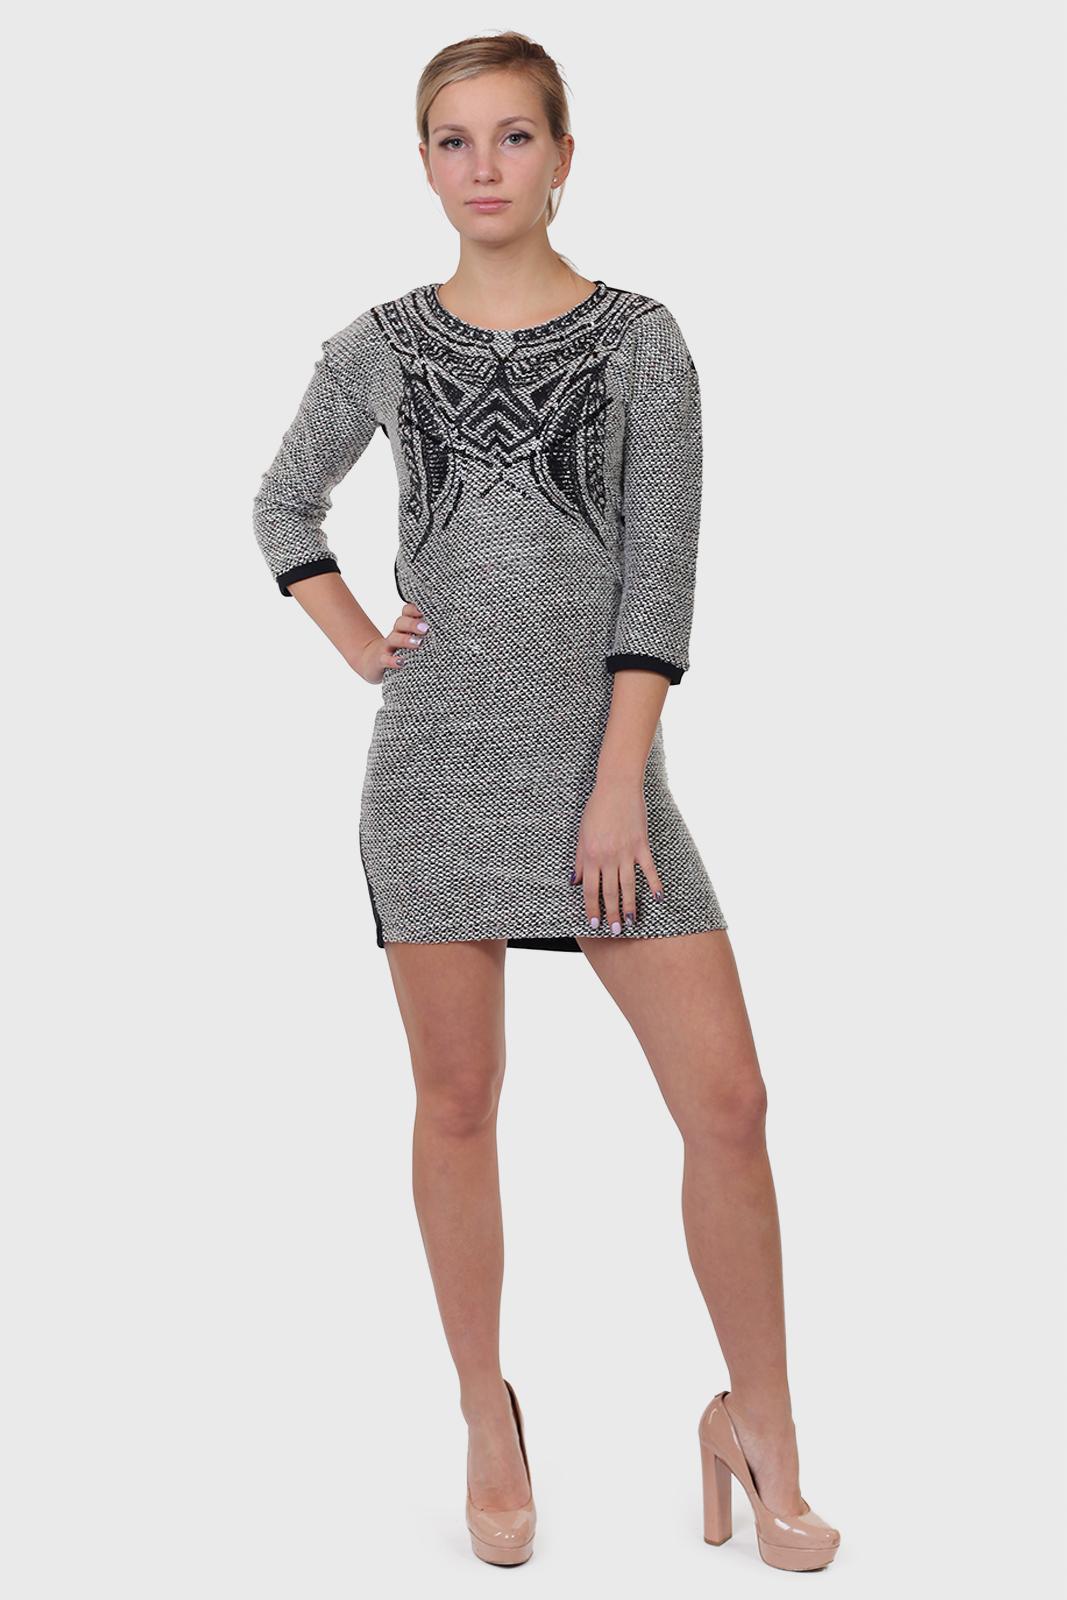 Купить теплое женское платье Kruebeck в интернет магазине Военпро